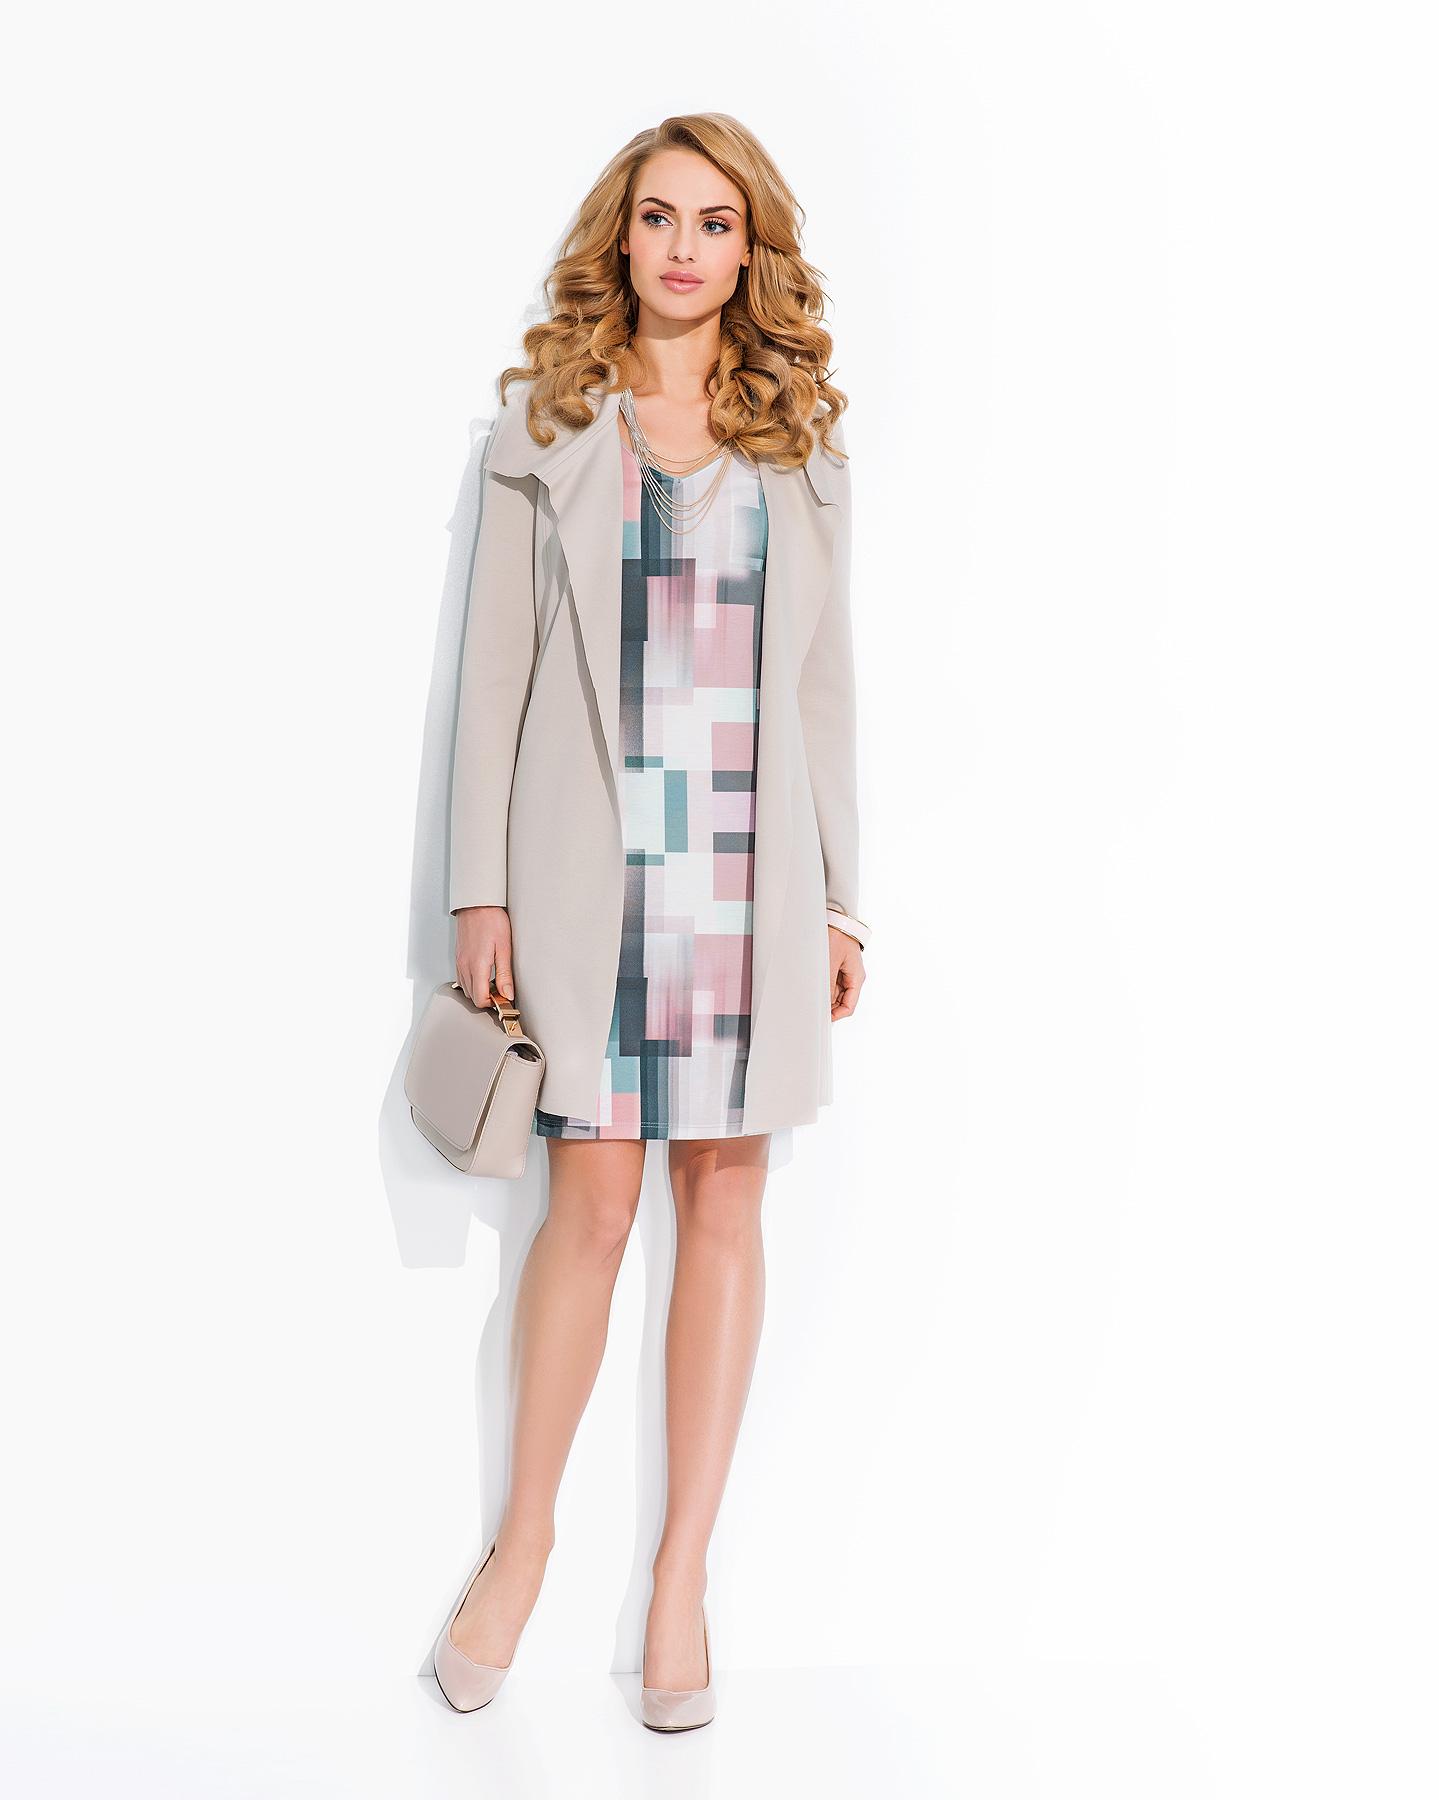 Польская Женская Одежда Интернет Магазин С Доставкой